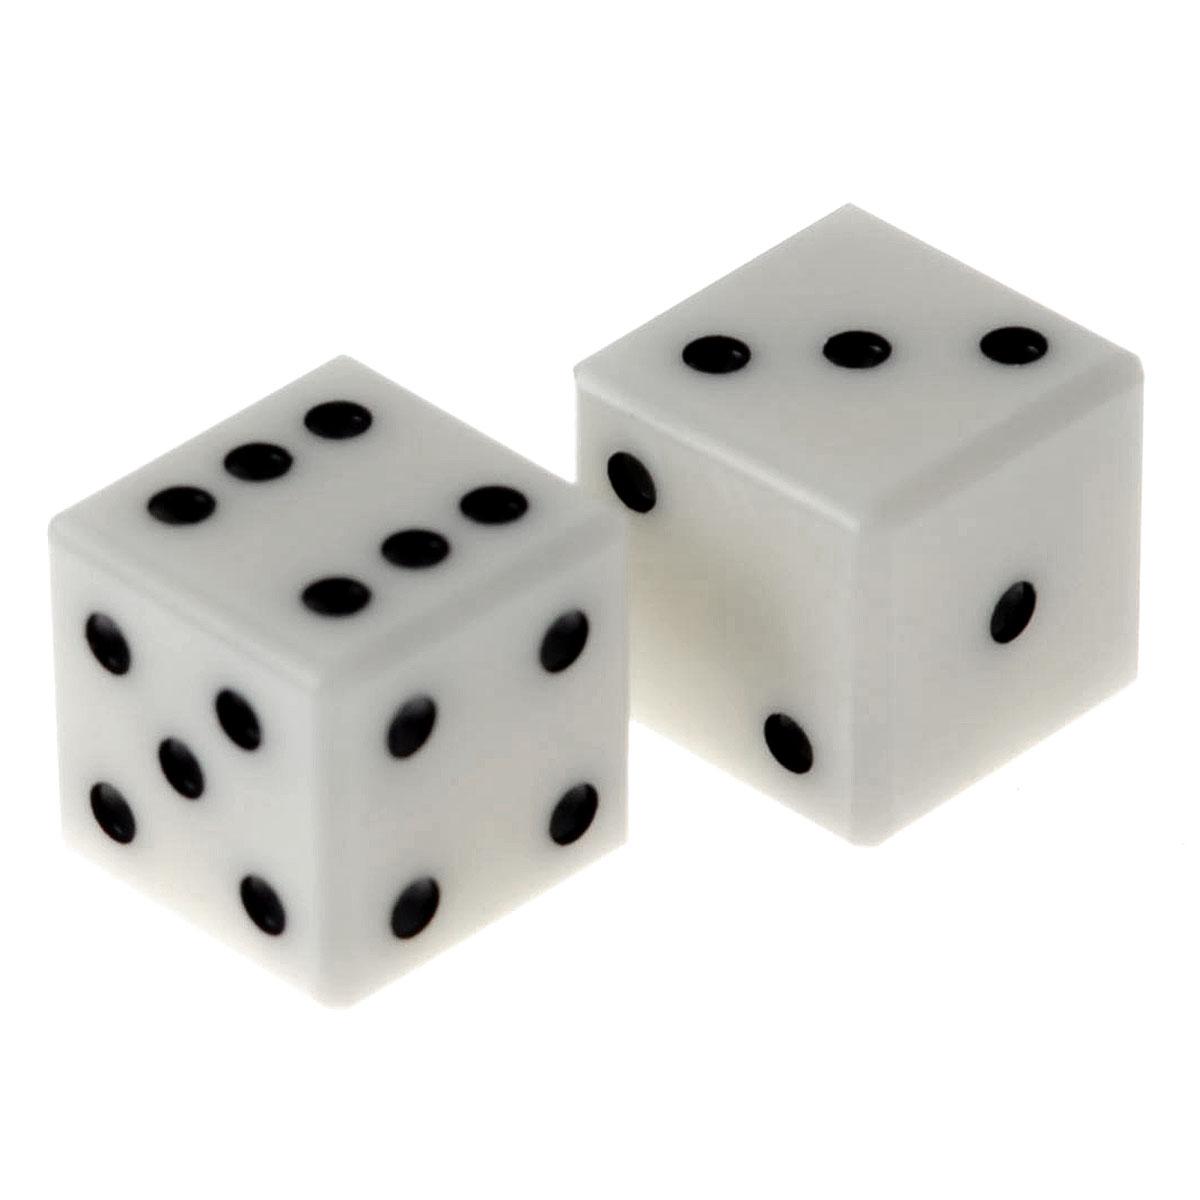 Кости игральные France Cartes, цвет: белый, размер: 0,9 см, 2 шт. К9-2К9-2